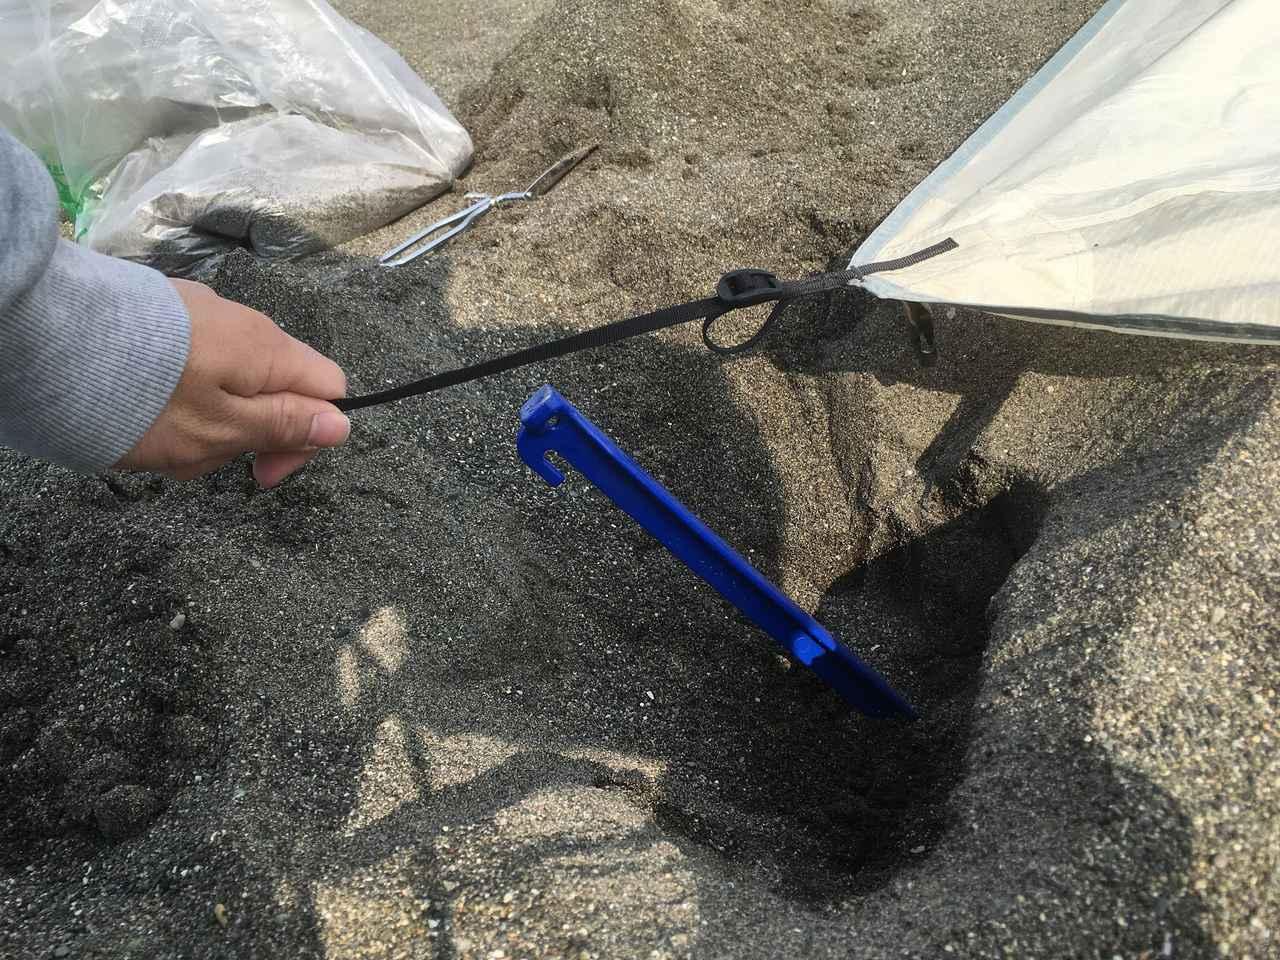 画像: 筆者撮影 深く掘るほど、湿った黒っぽい砂が顔を出します。